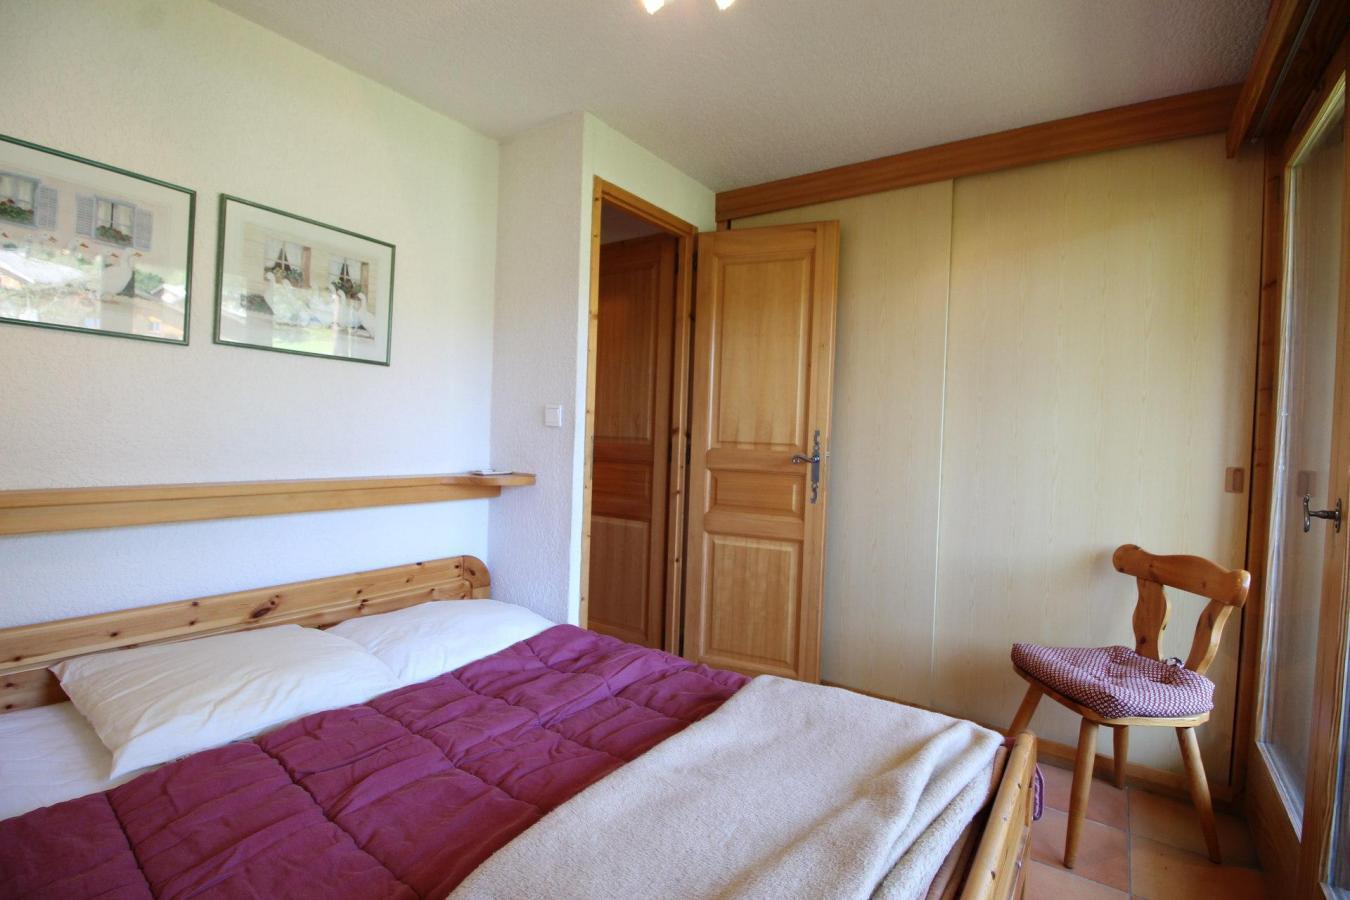 Location au ski Appartement duplex 3 pièces 6 personnes (13) - Residence Le Panda - Les Carroz - Chambre